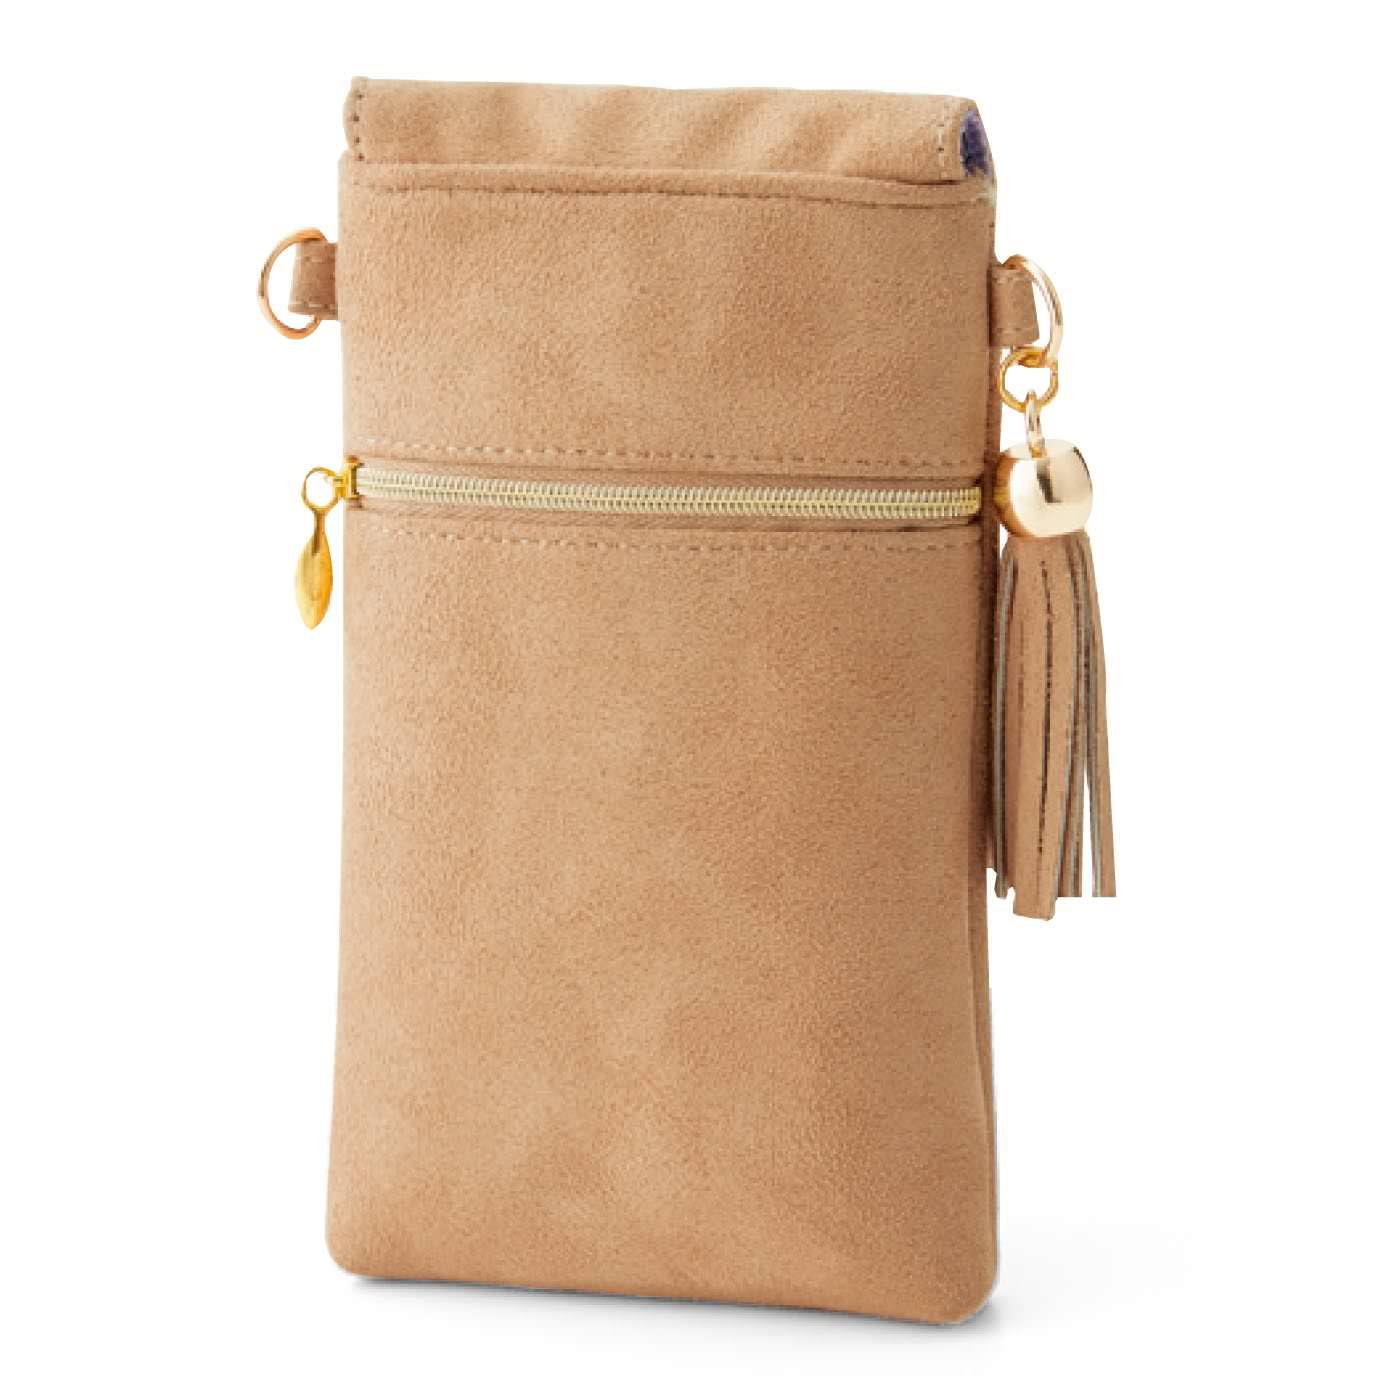 [back]便利なポケット付き。裏面にはリップや小物などが入るファスナーポケット。